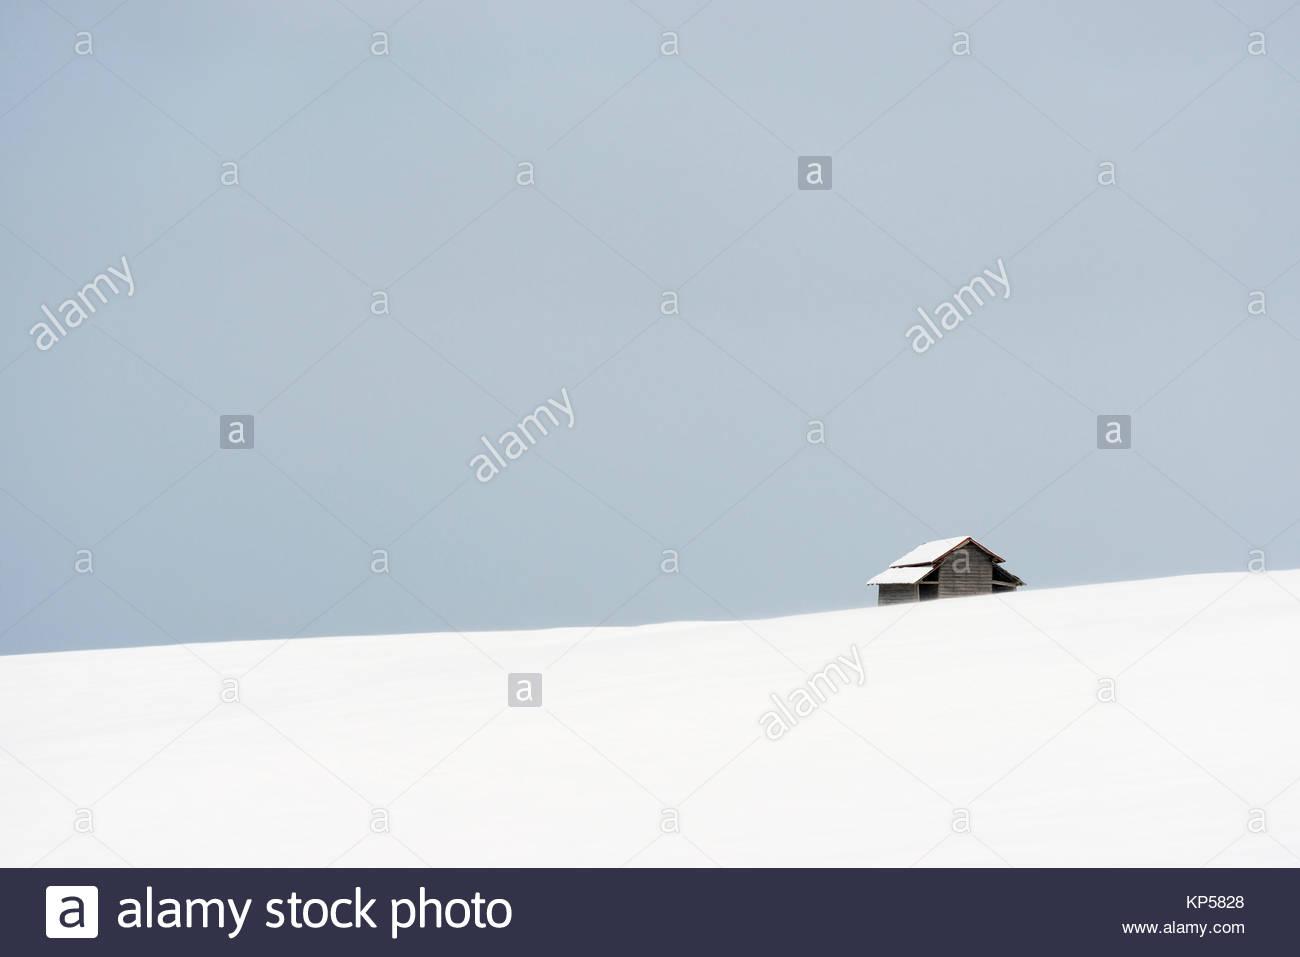 Haus auf einem verschneiten Hügel. Minimalistische winter Szene in Biei, Hokkaido, Japan Stockfoto